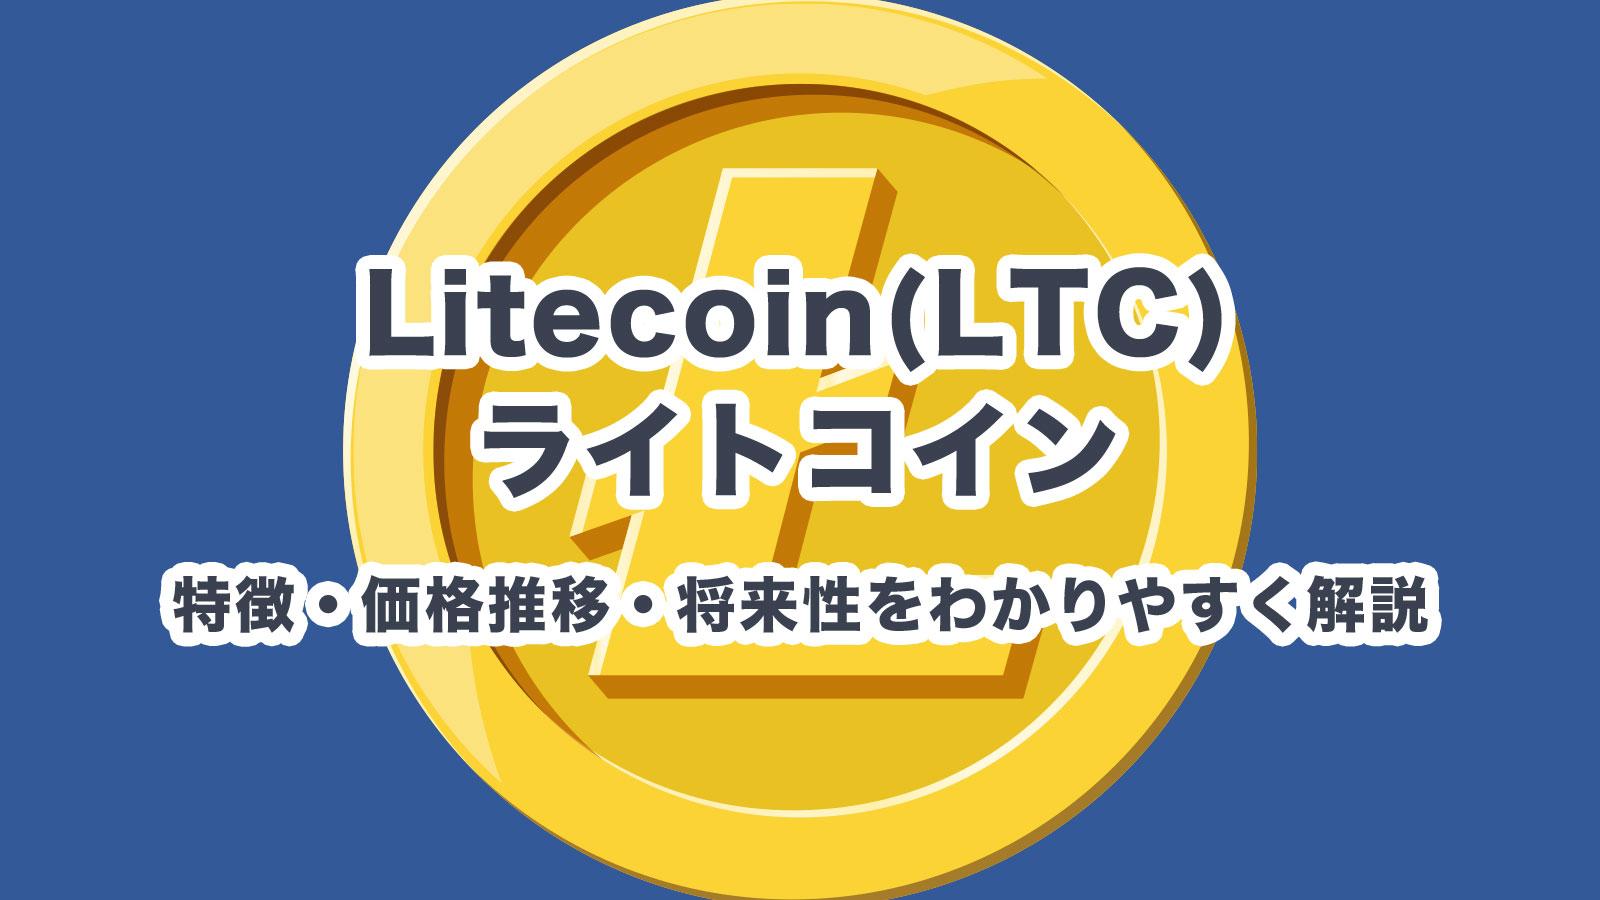 ライトコイン(Litecoin)とは?特徴・価格推移・将来性をわかりやすく解説